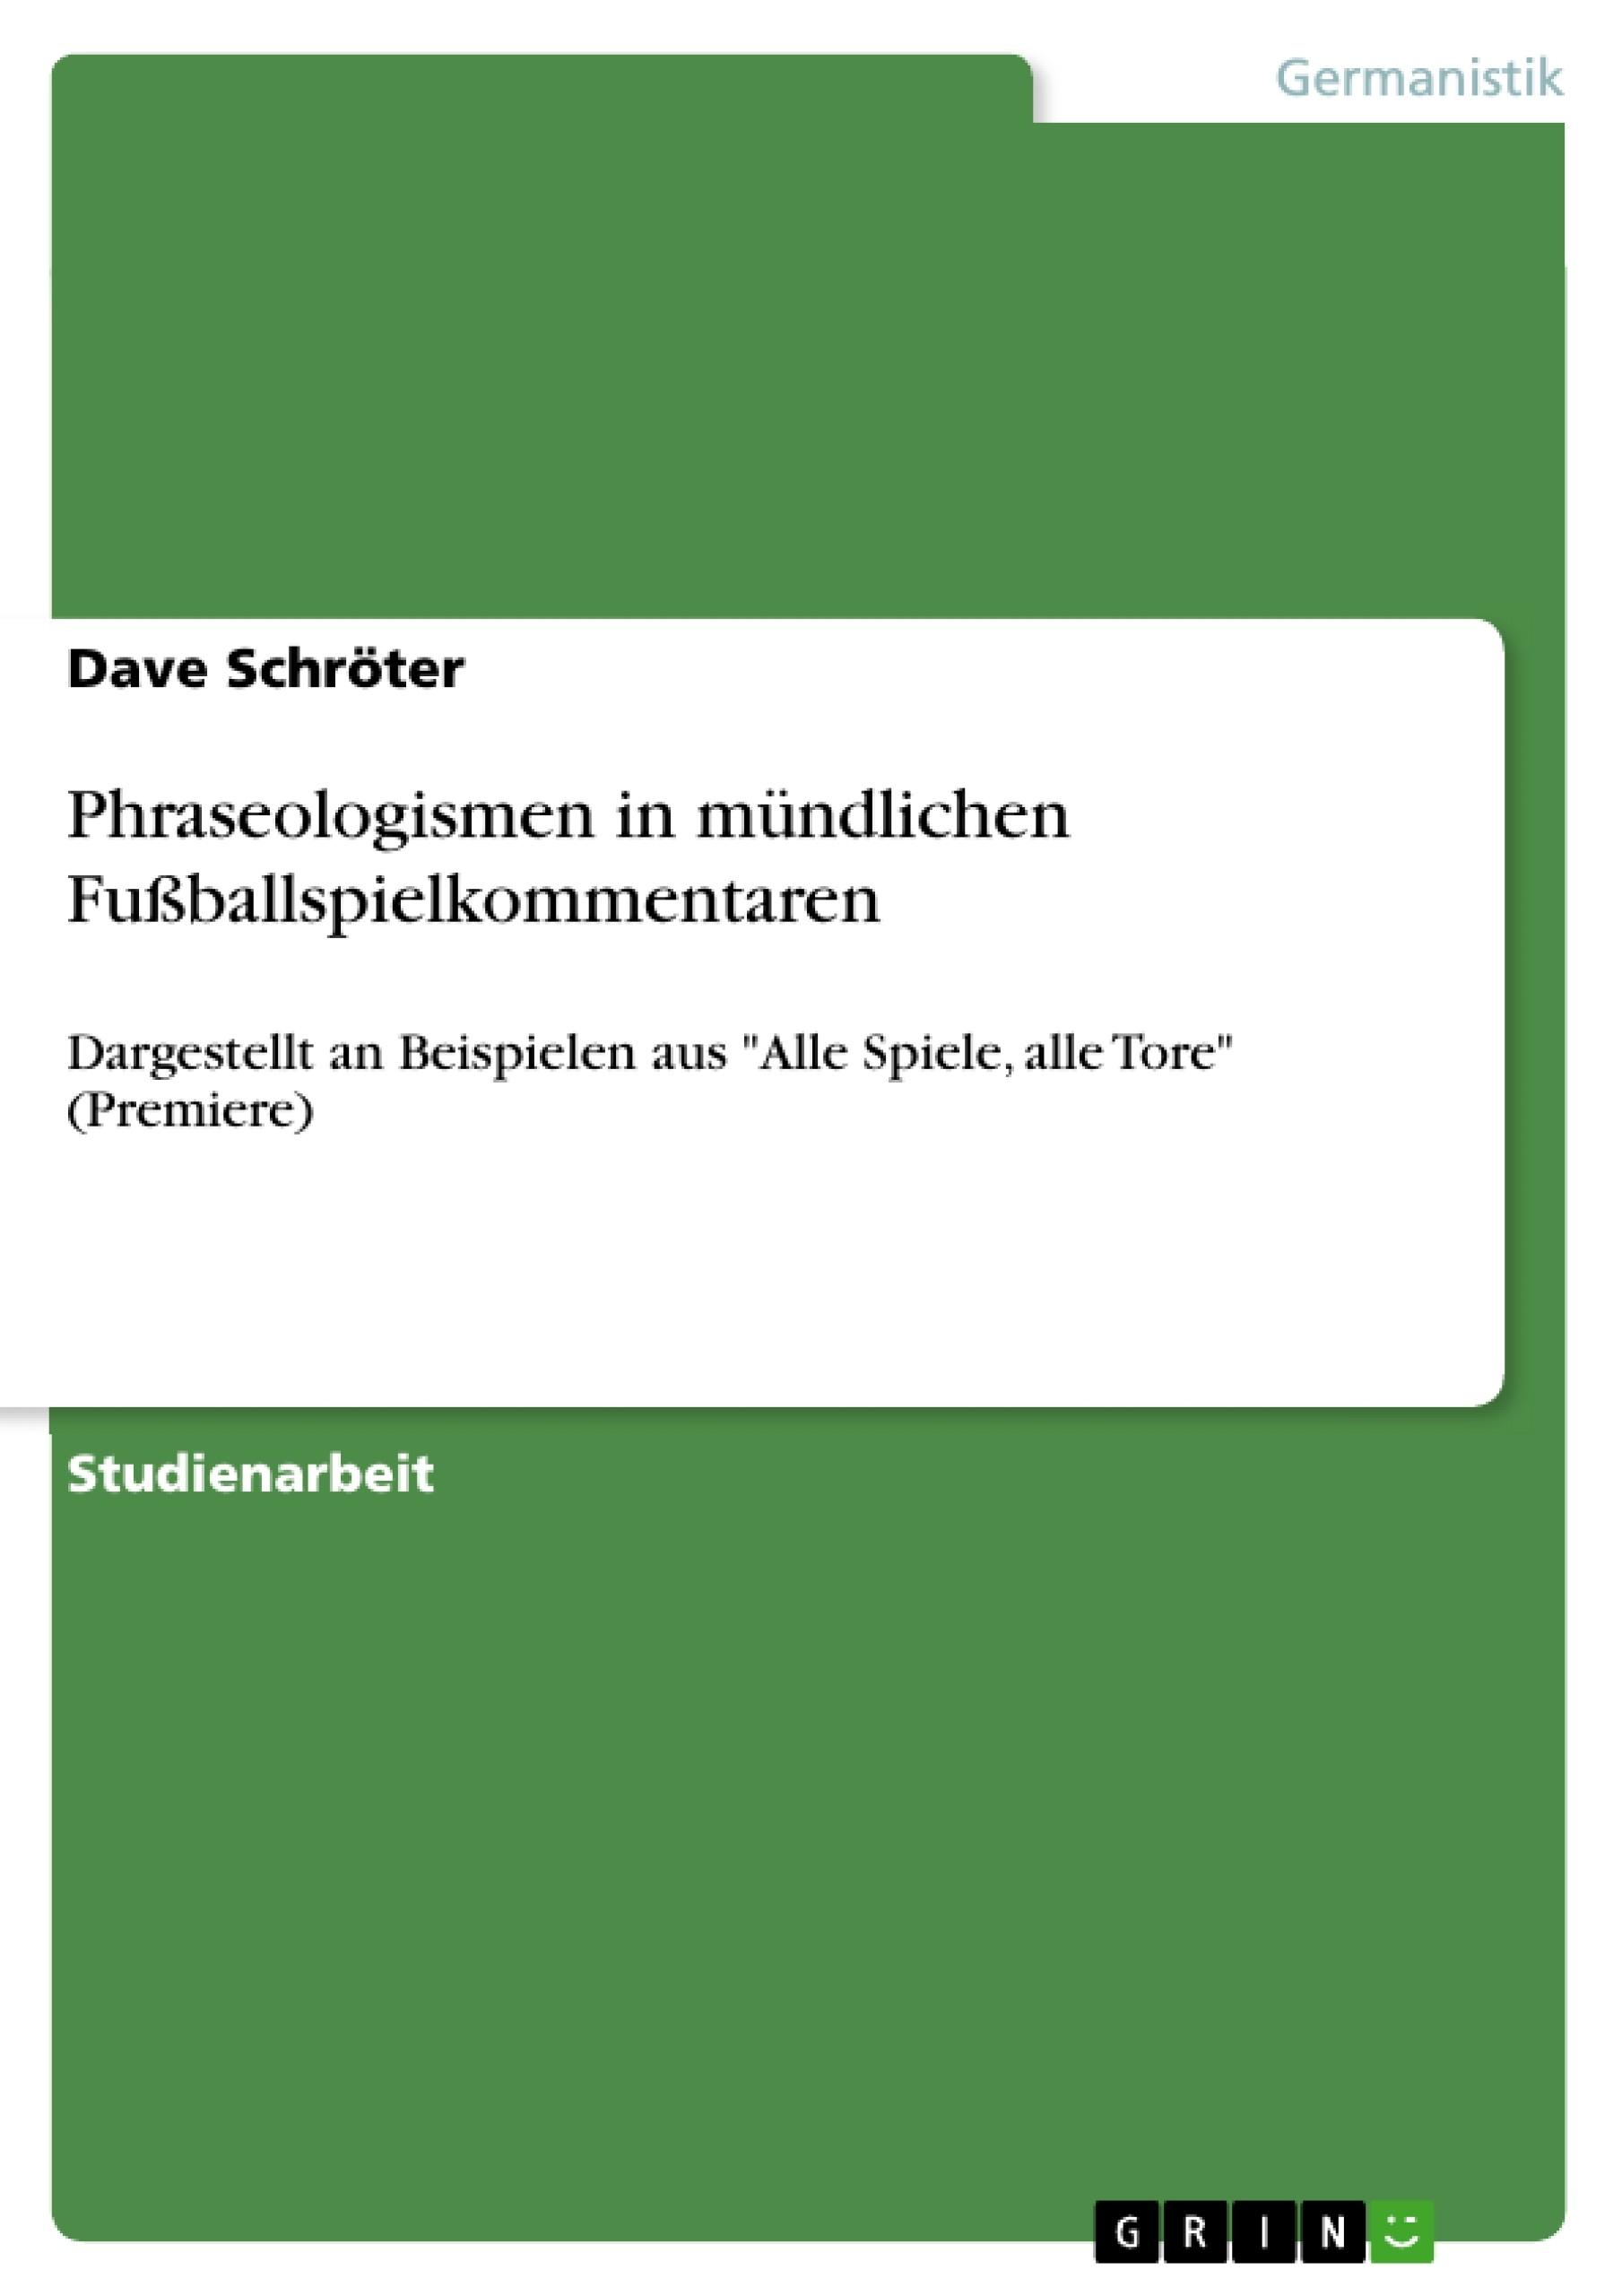 Titel: Phraseologismen in mündlichen Fußballspielkommentaren